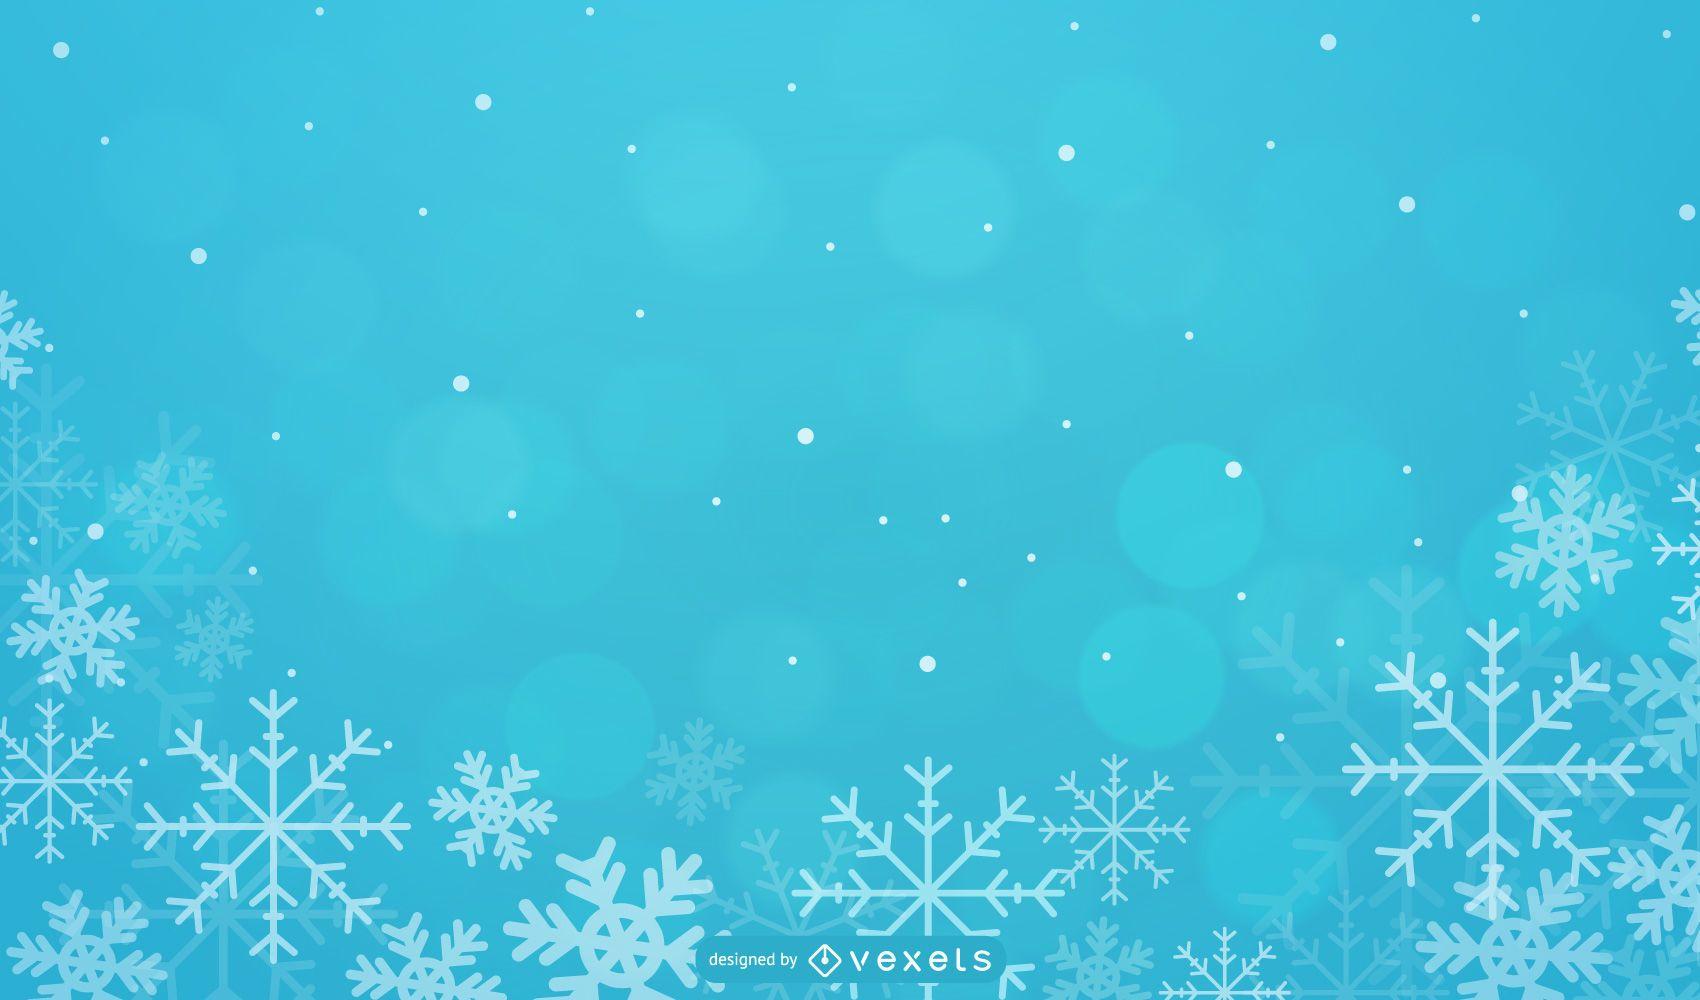 Fondo de Navidad estacional con copos de nieve